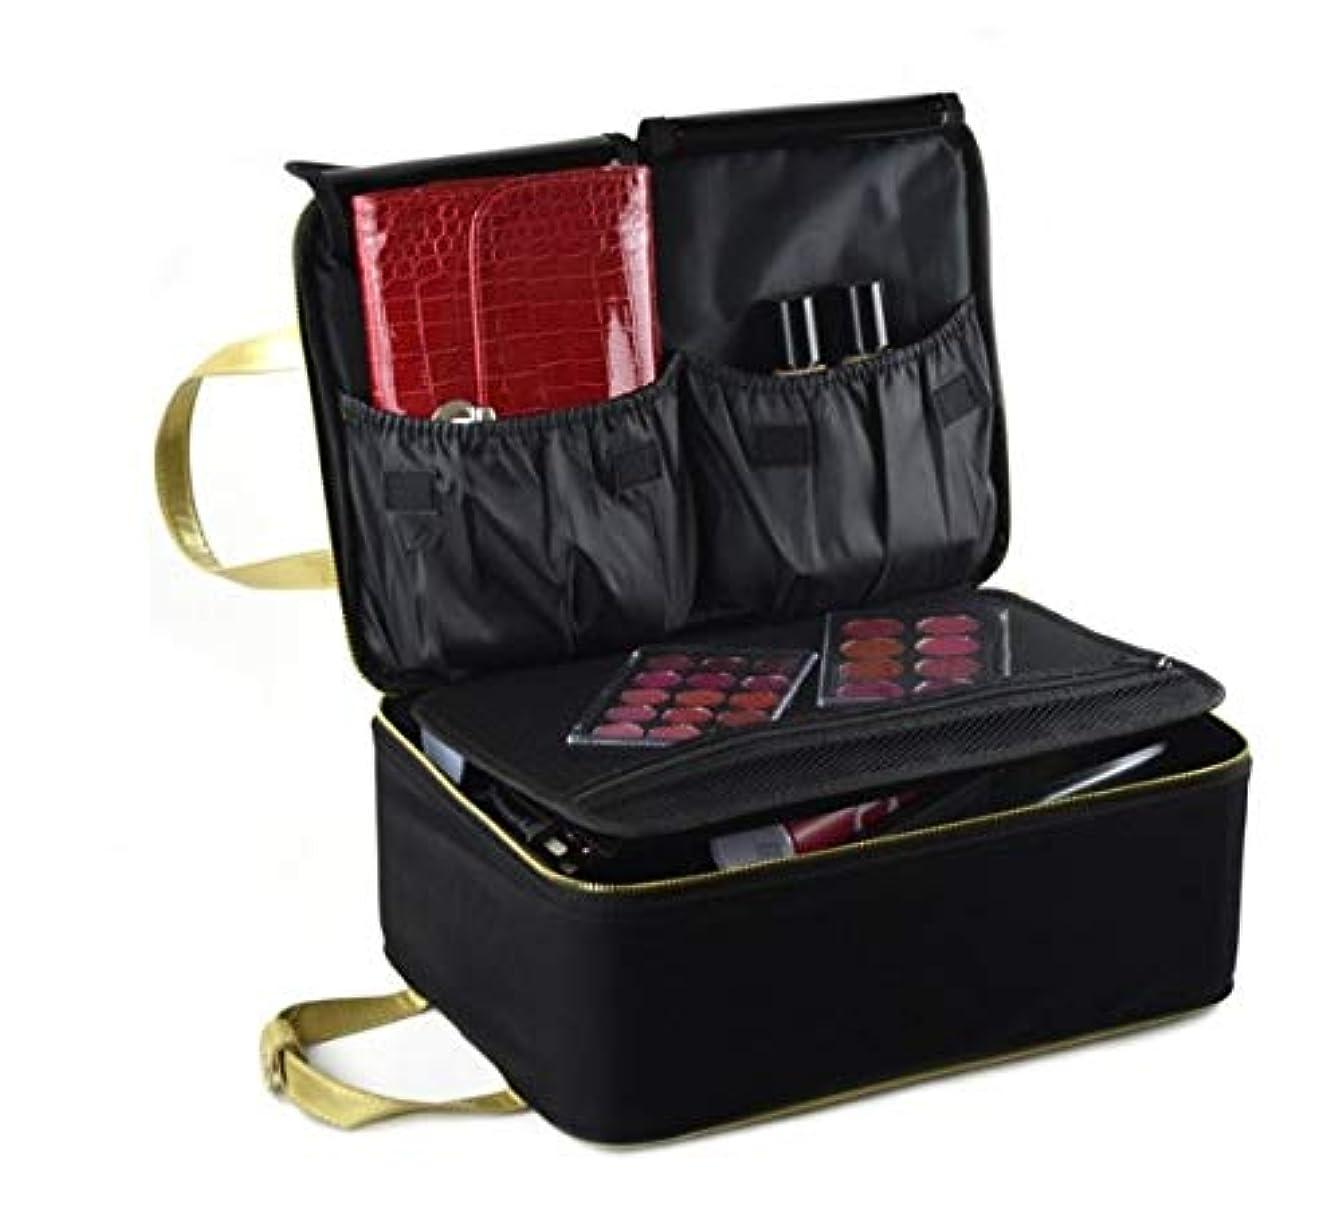 本会議マーティフィールディング野球化粧箱、黒い携帯用化粧品の箱、携帯用旅行化粧品の箱、美の釘の宝石類の収納箱 (Size : S)